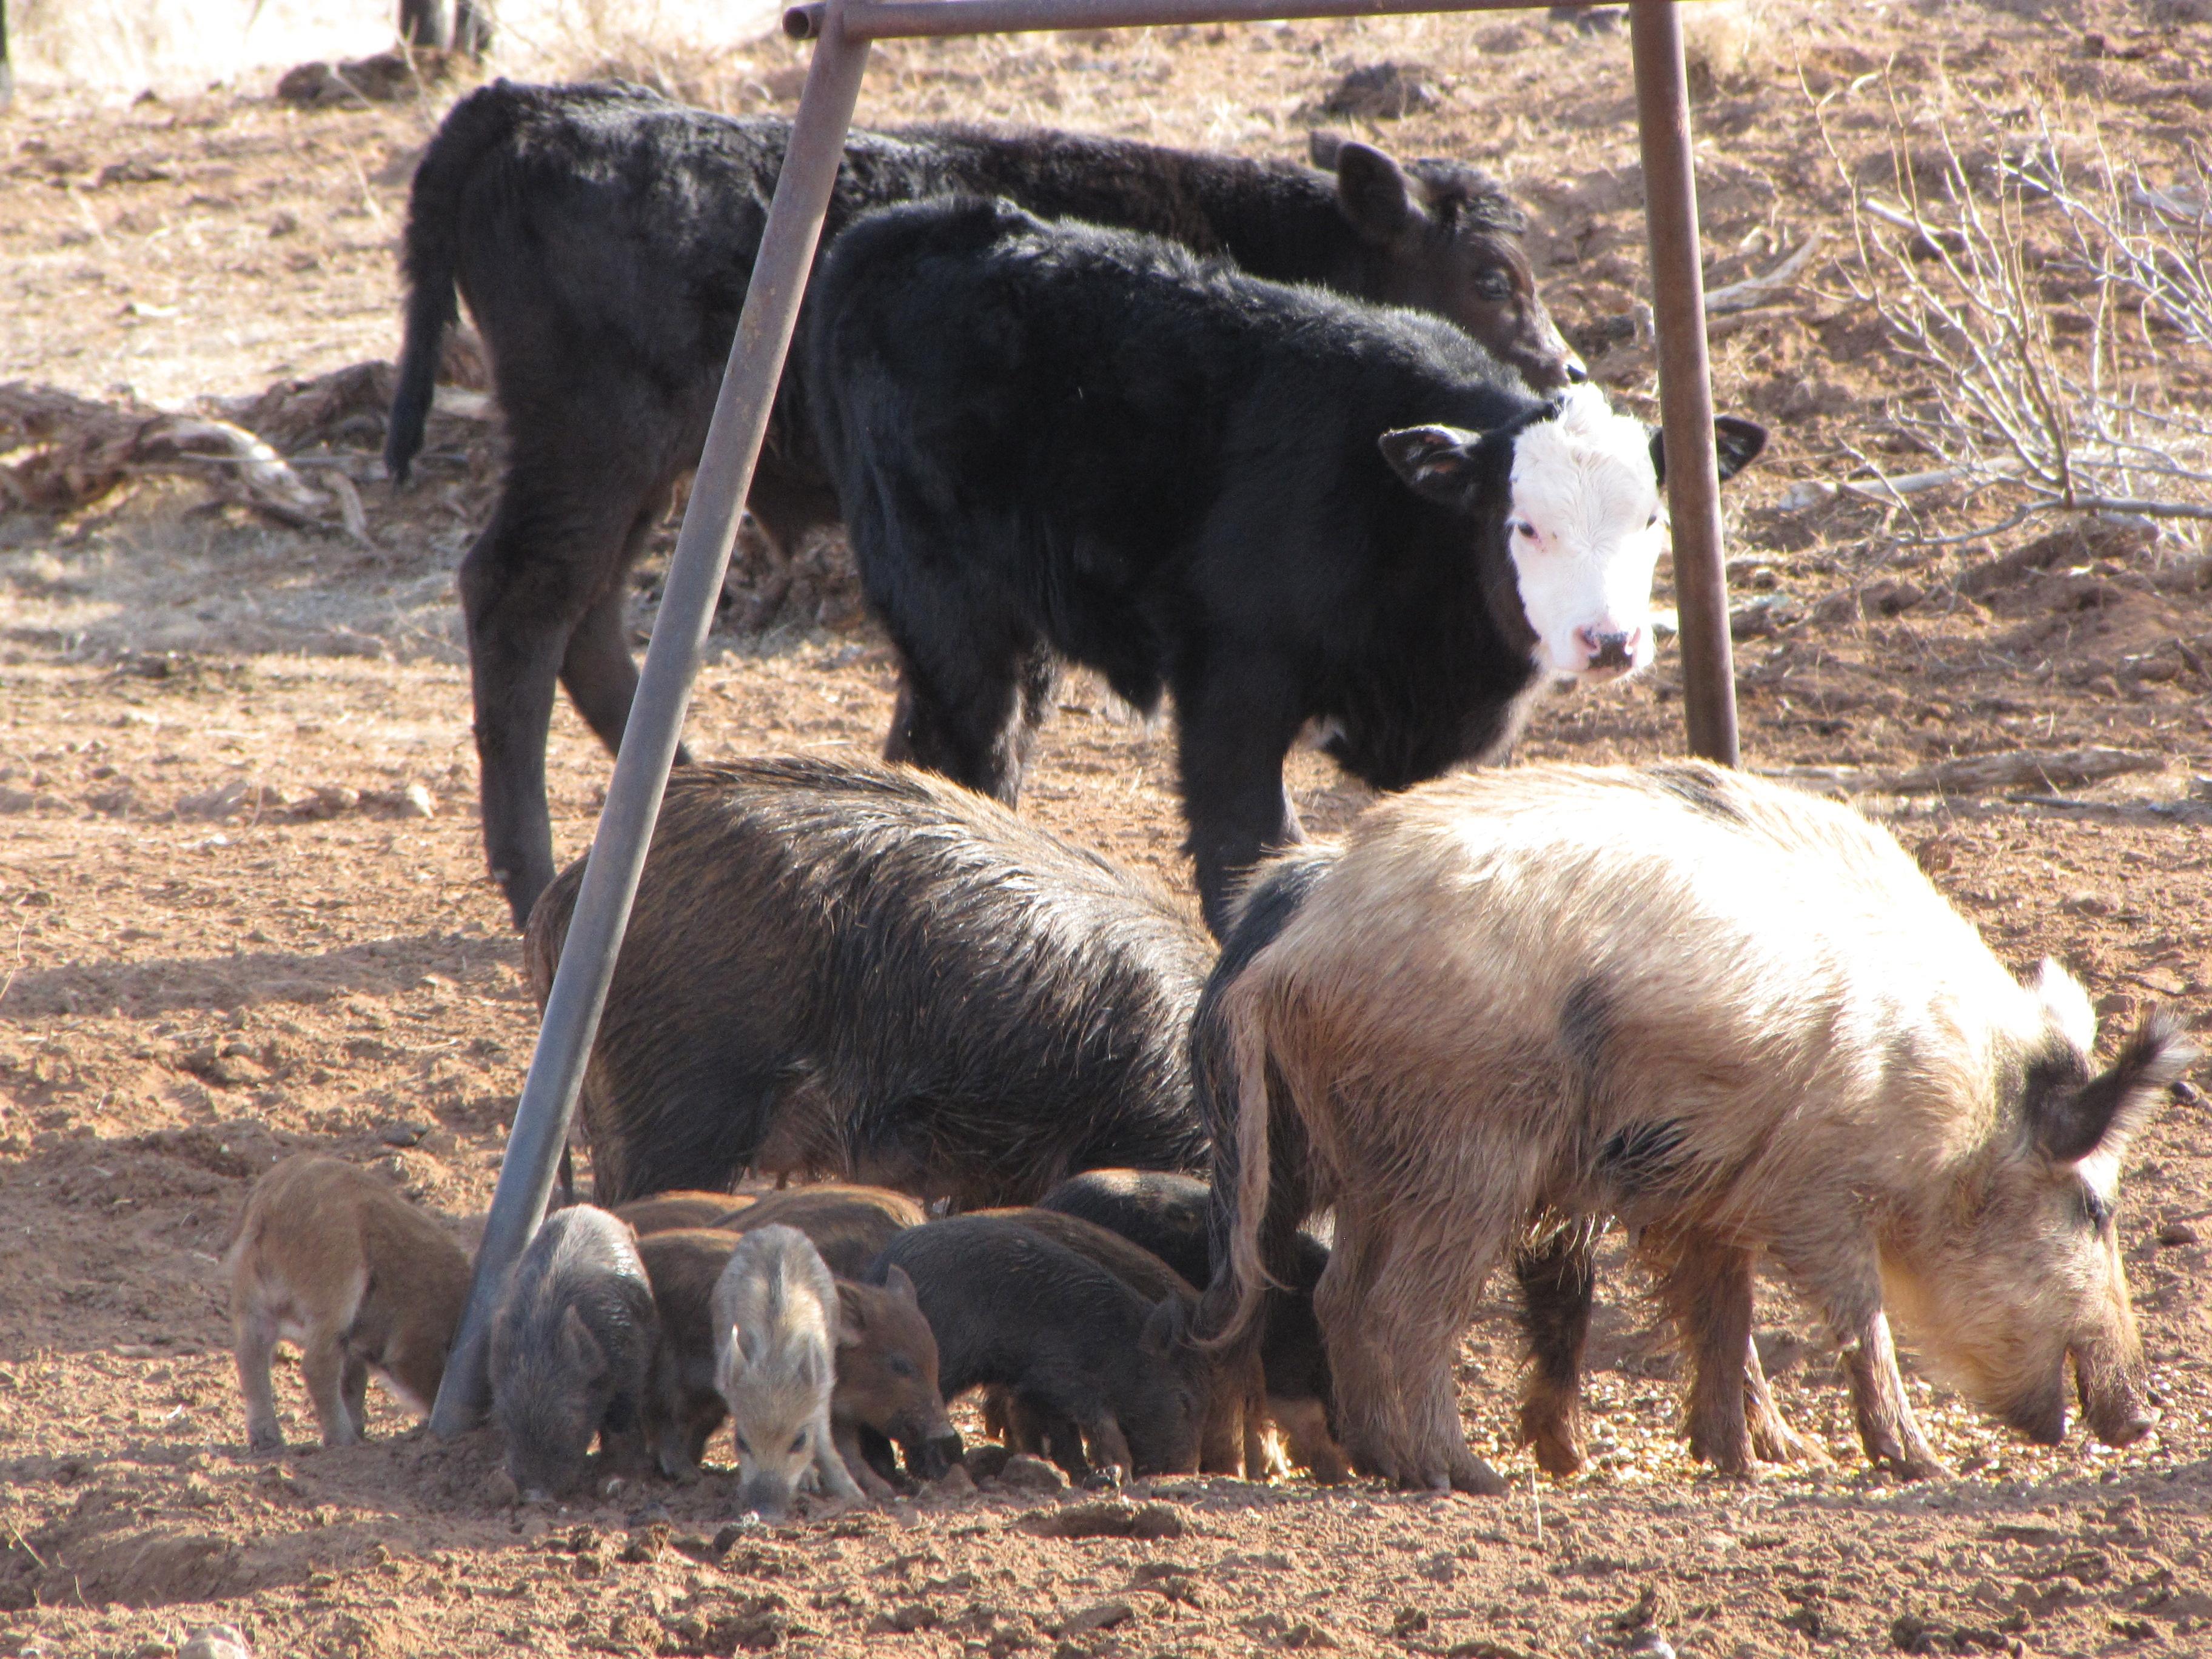 Wild pigs threaten U.S. livestock herd